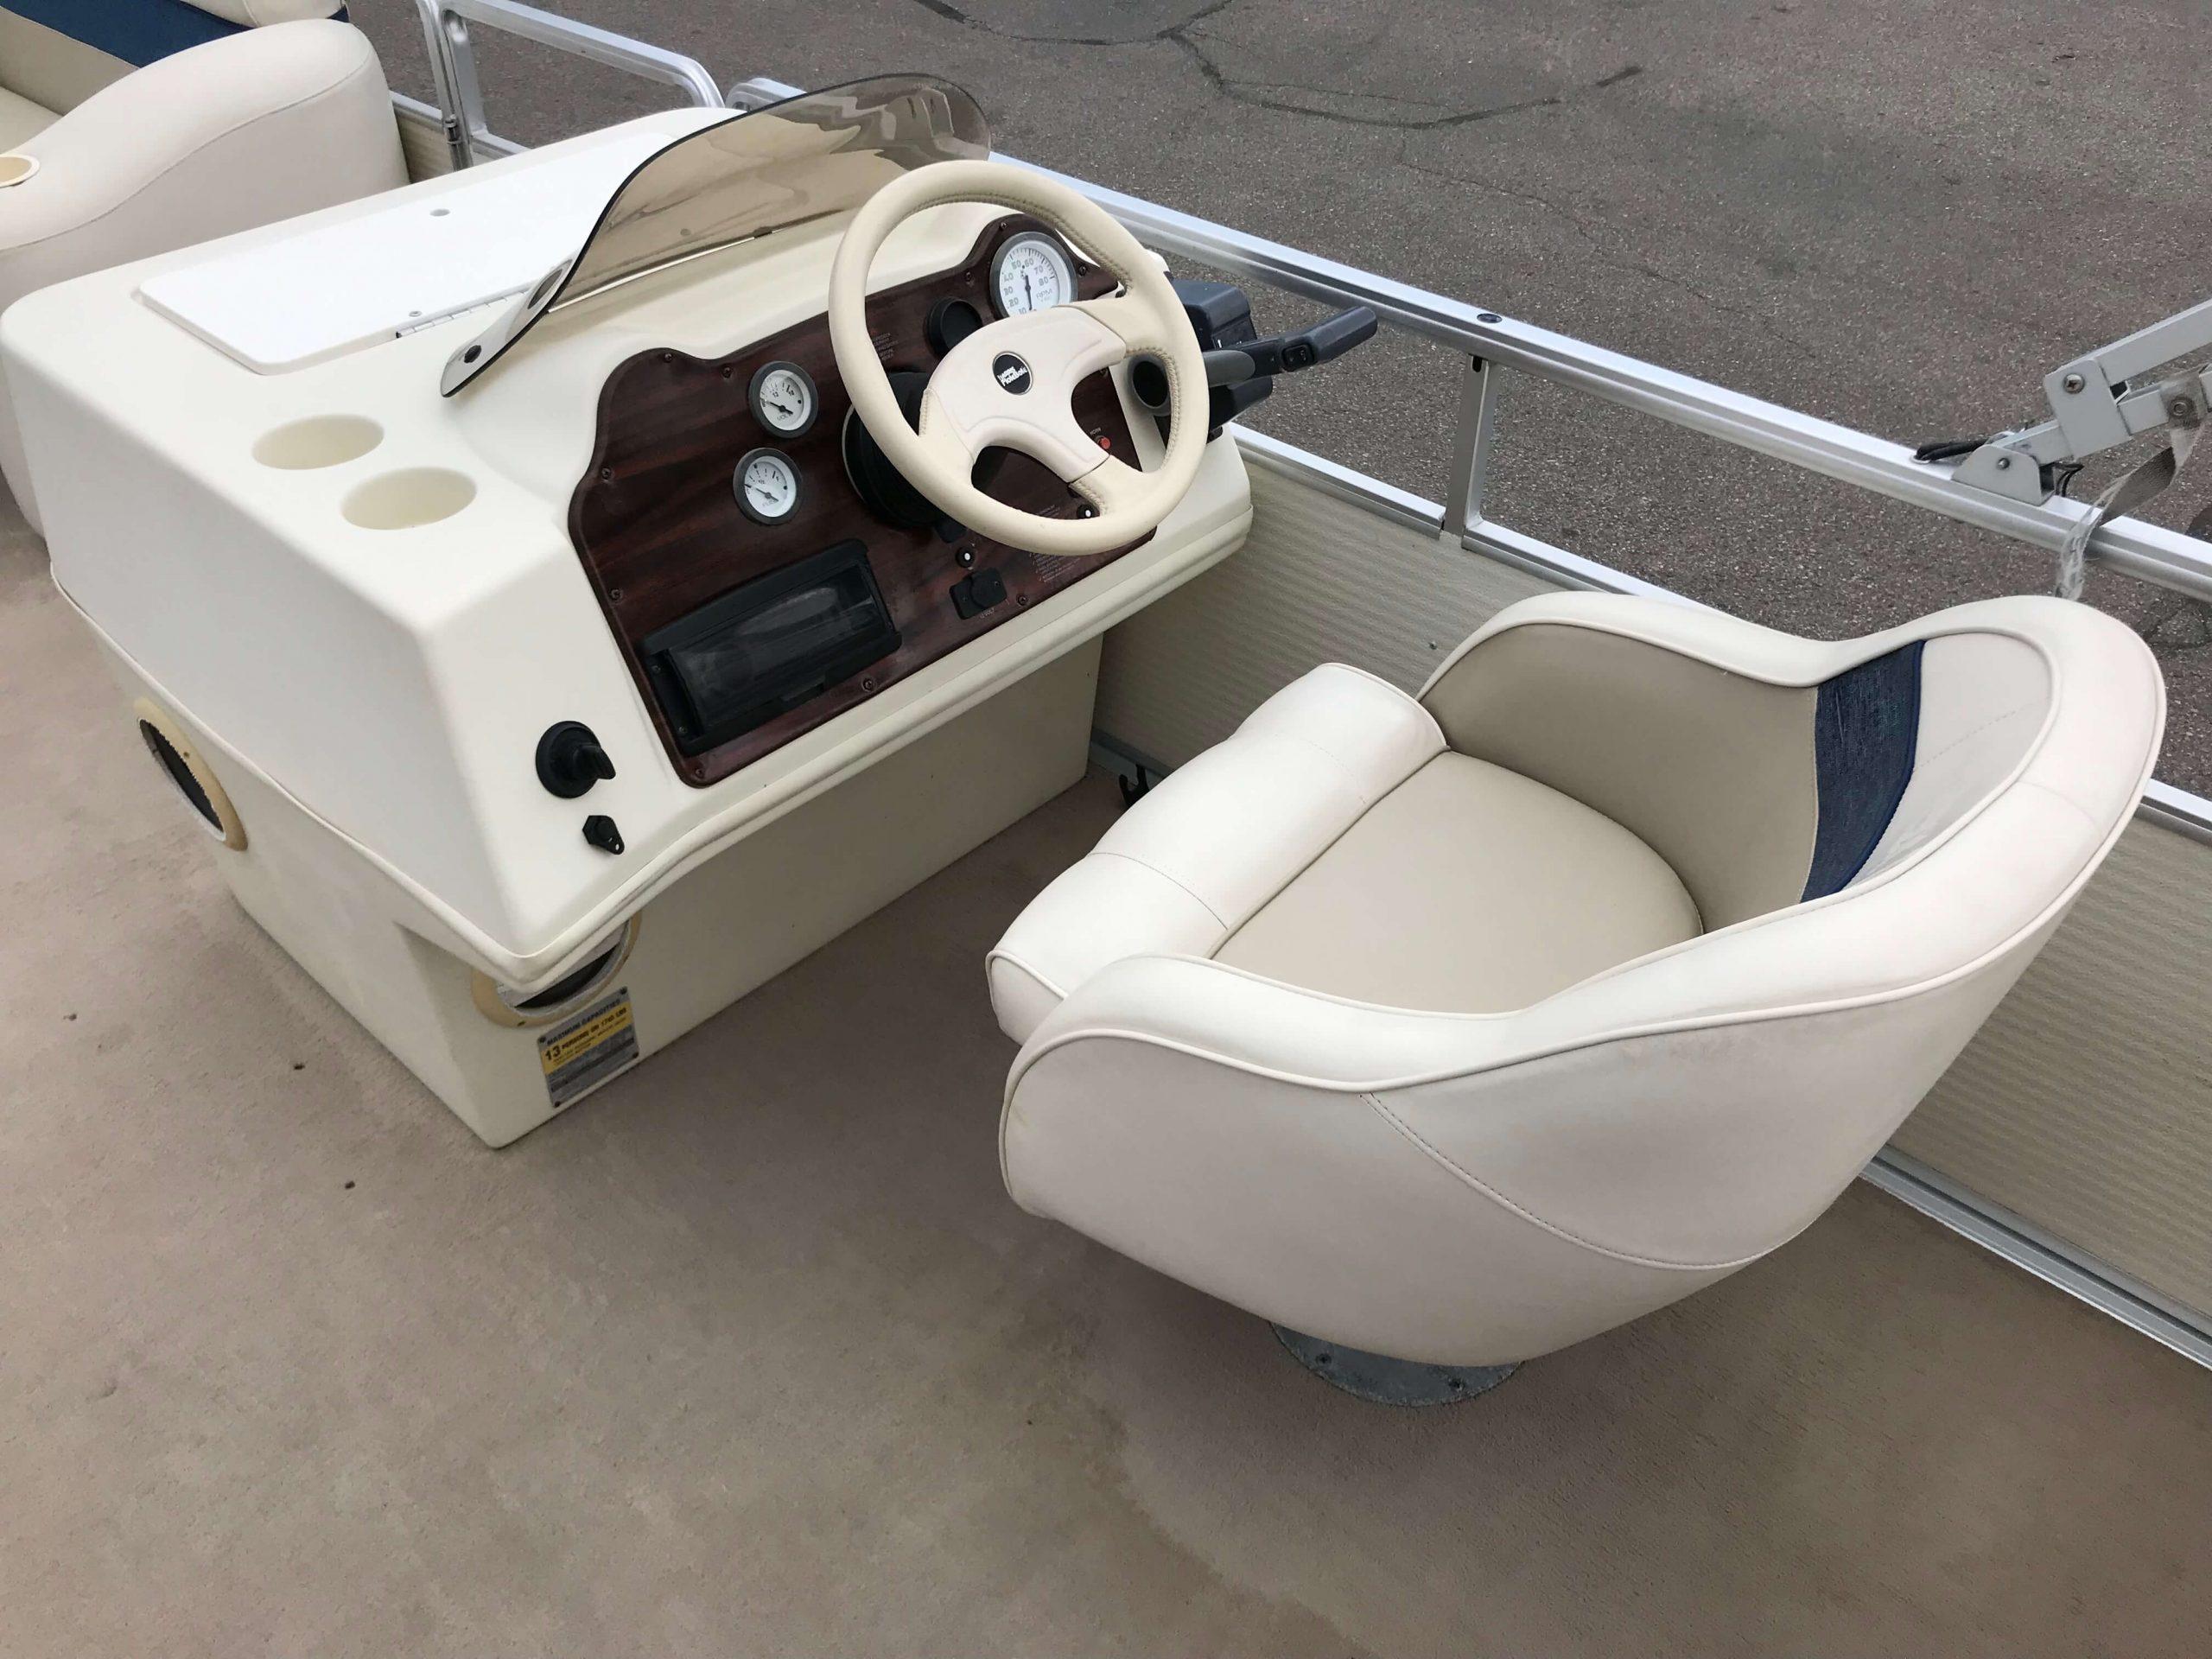 1998 Harris Kayot Skipper XL Pontoon Boat 9